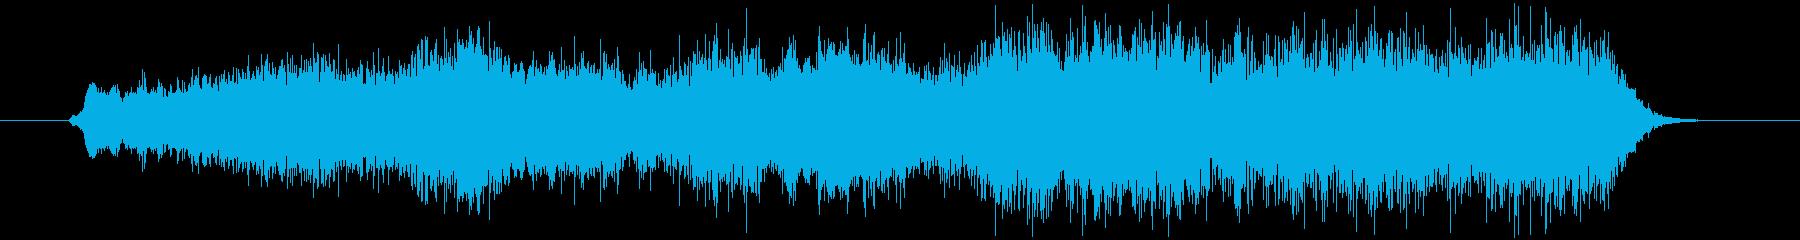 サイエンスフィクション、サウンドデ...の再生済みの波形